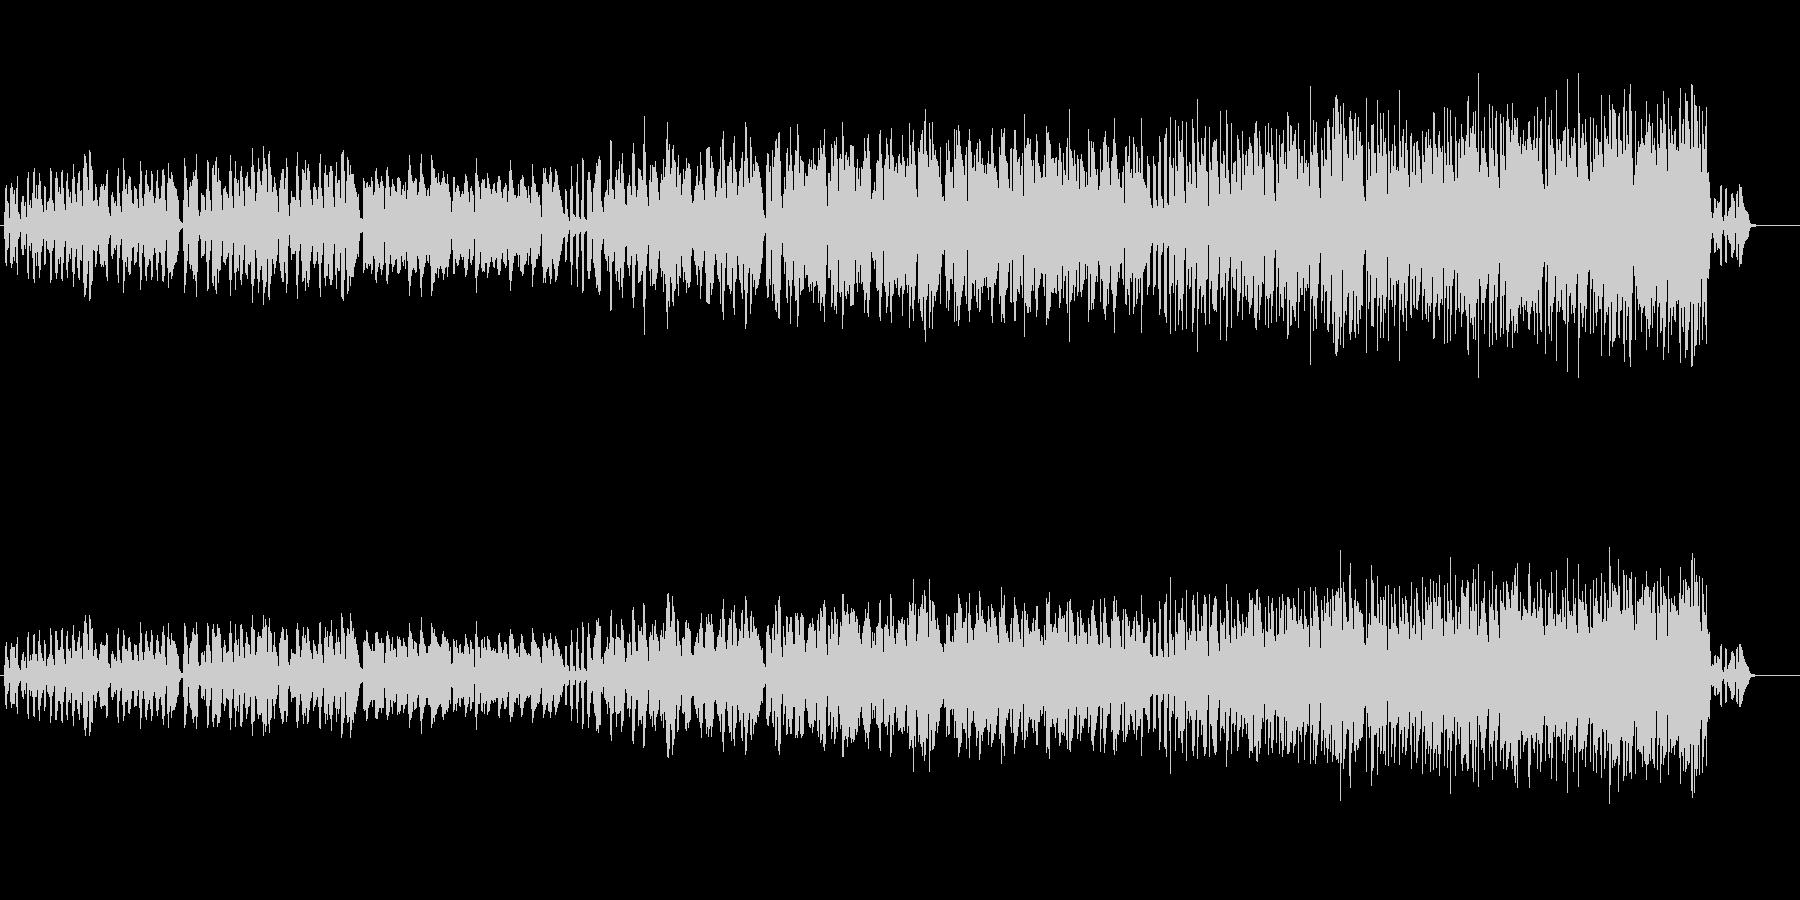 ユニークでコミカルなメロディーの未再生の波形